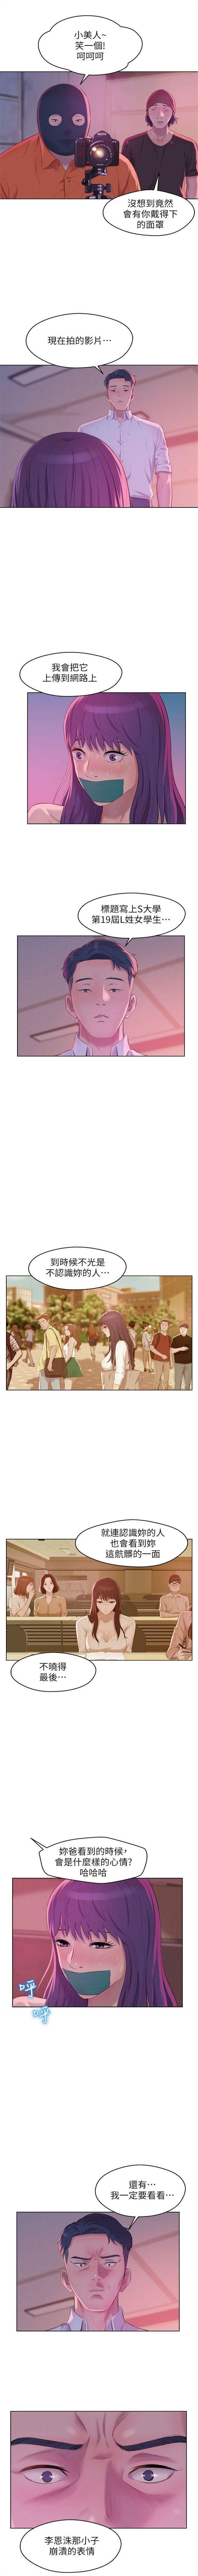 新生淫乱日记 1-61完结(中文) 276